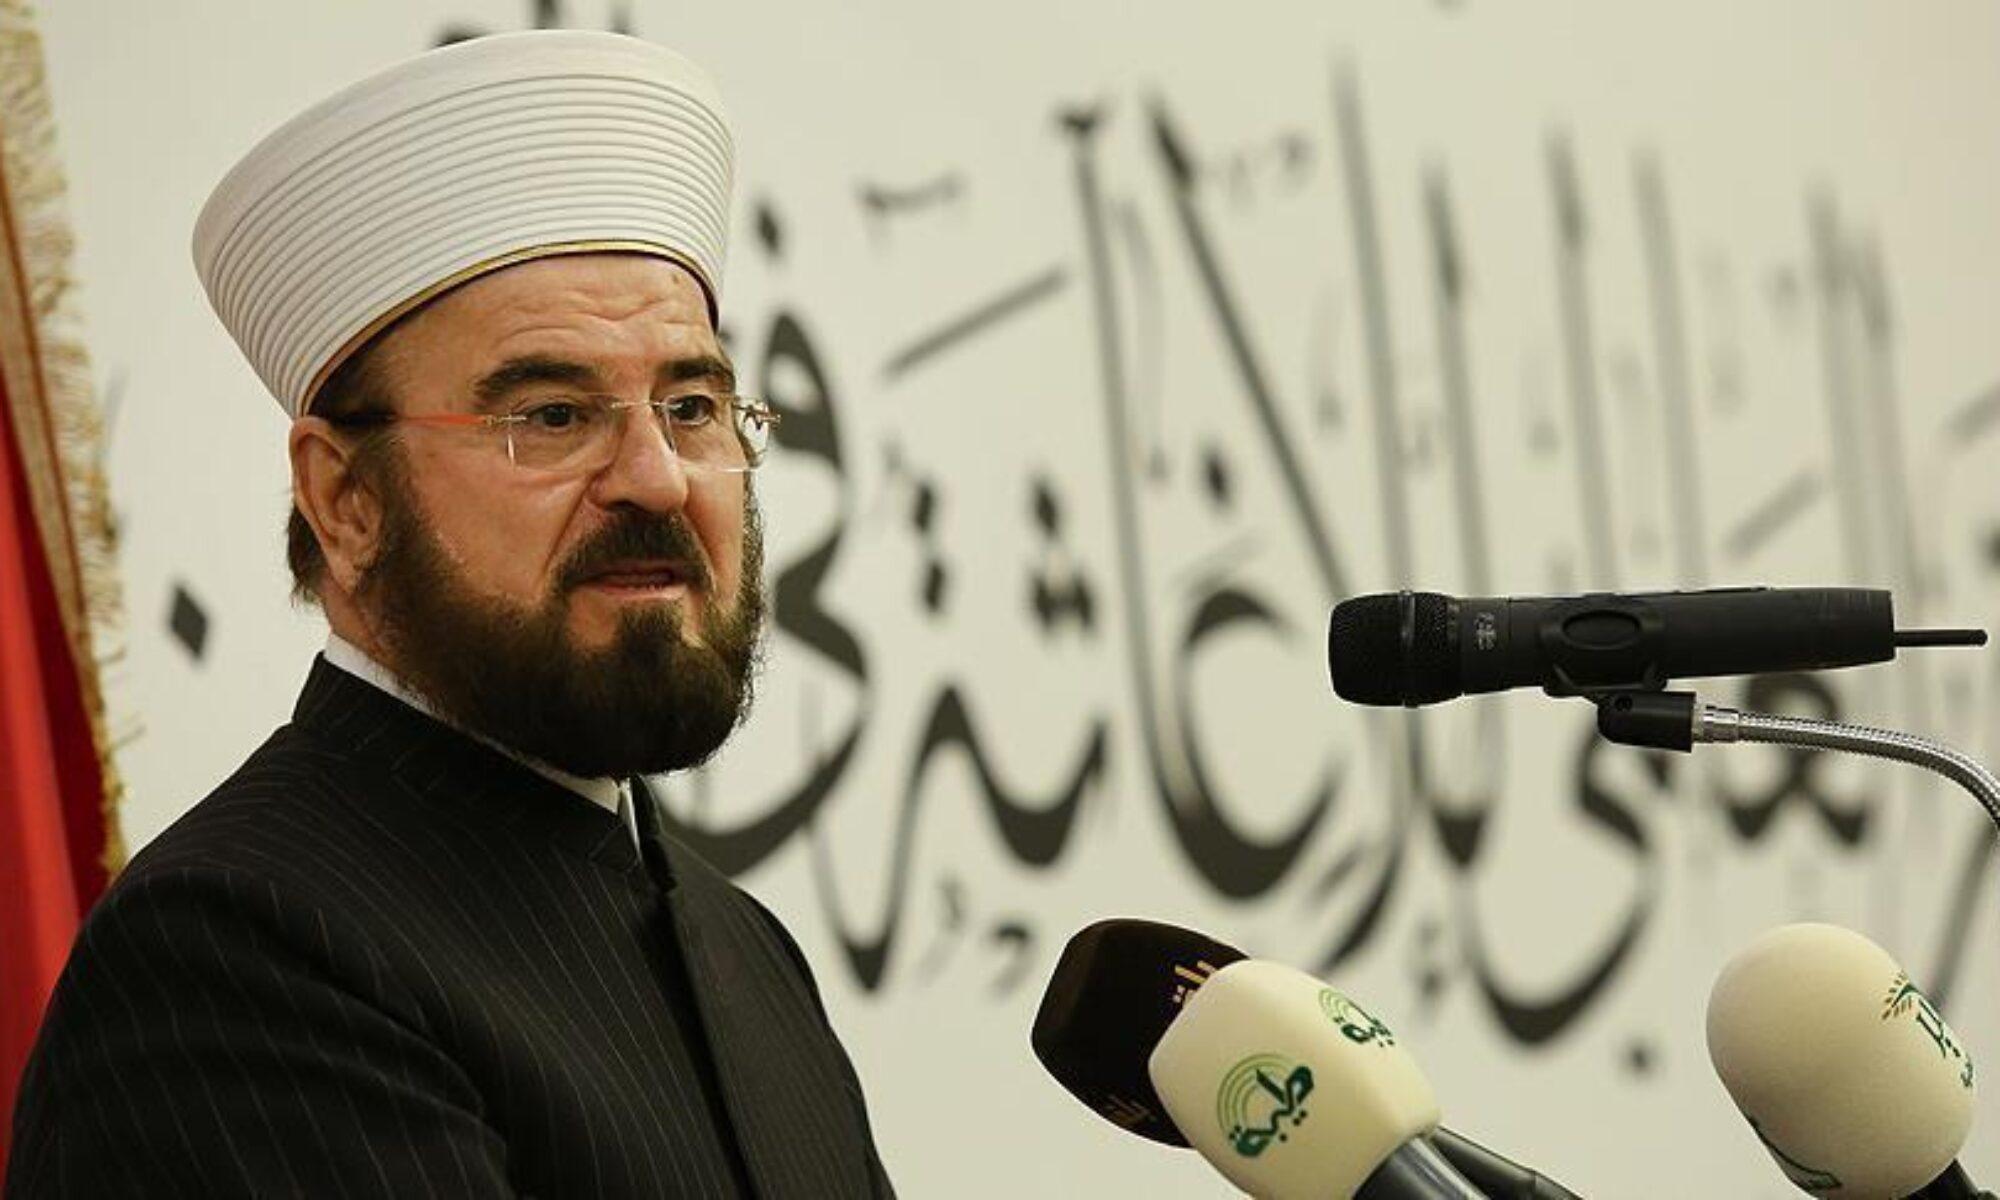 Dünya Müslüman Alimler Birliği Genel Sekreteri Dr. Elî Qeredaxî: Erbil saldırısını yapanlar teröristtir